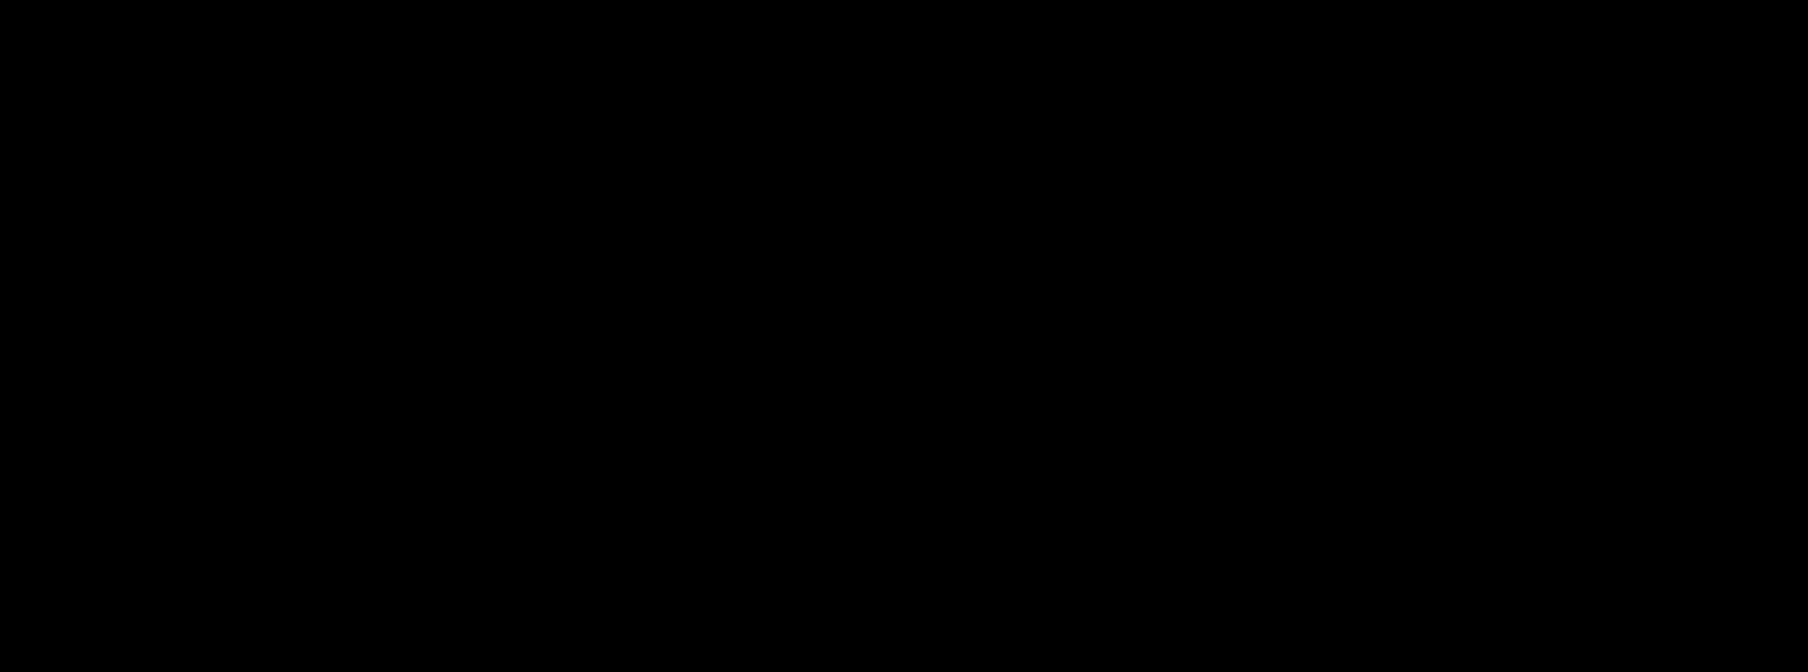 LevothyroxineN-methylamide (USP)